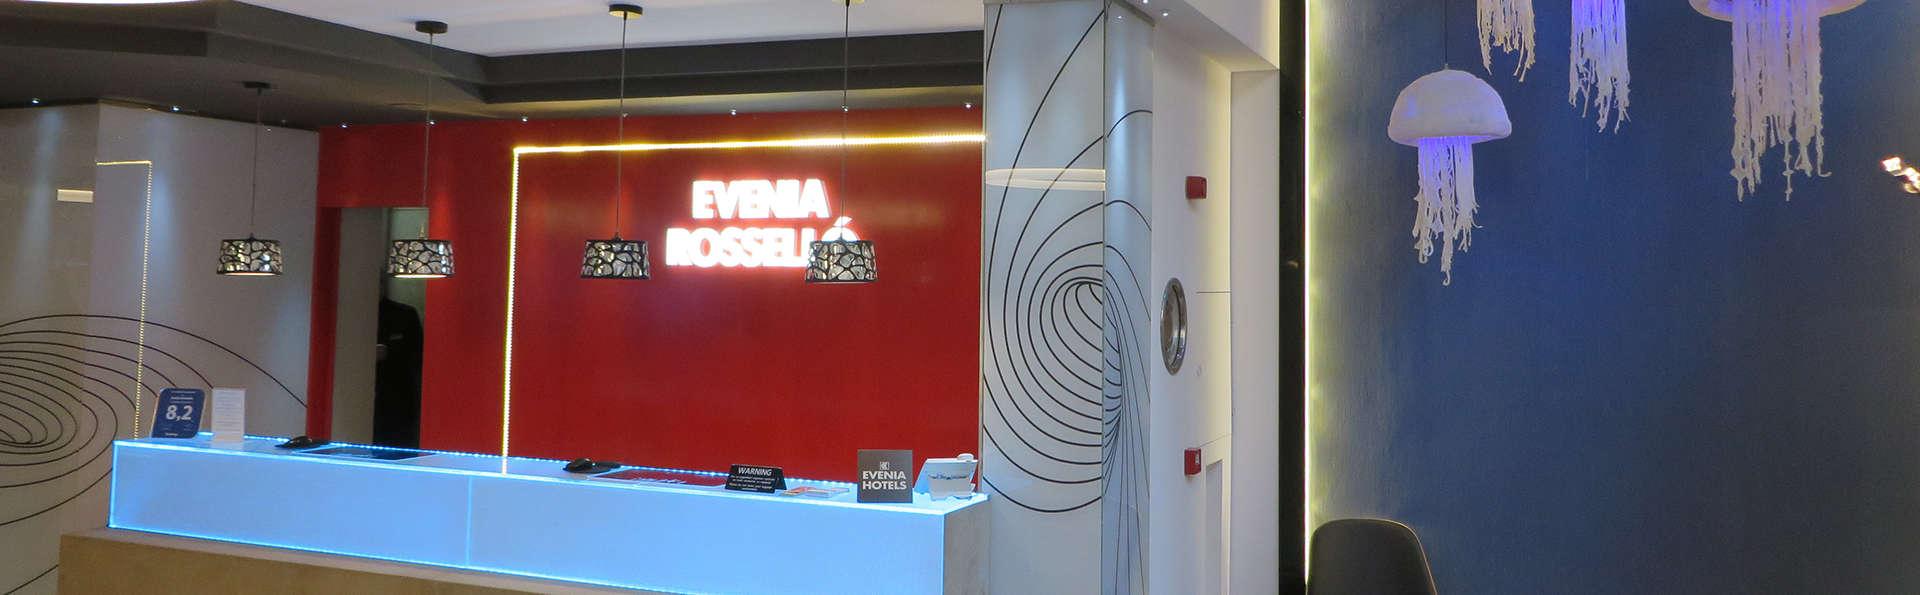 Evenia Rossello - edit_reception.jpg